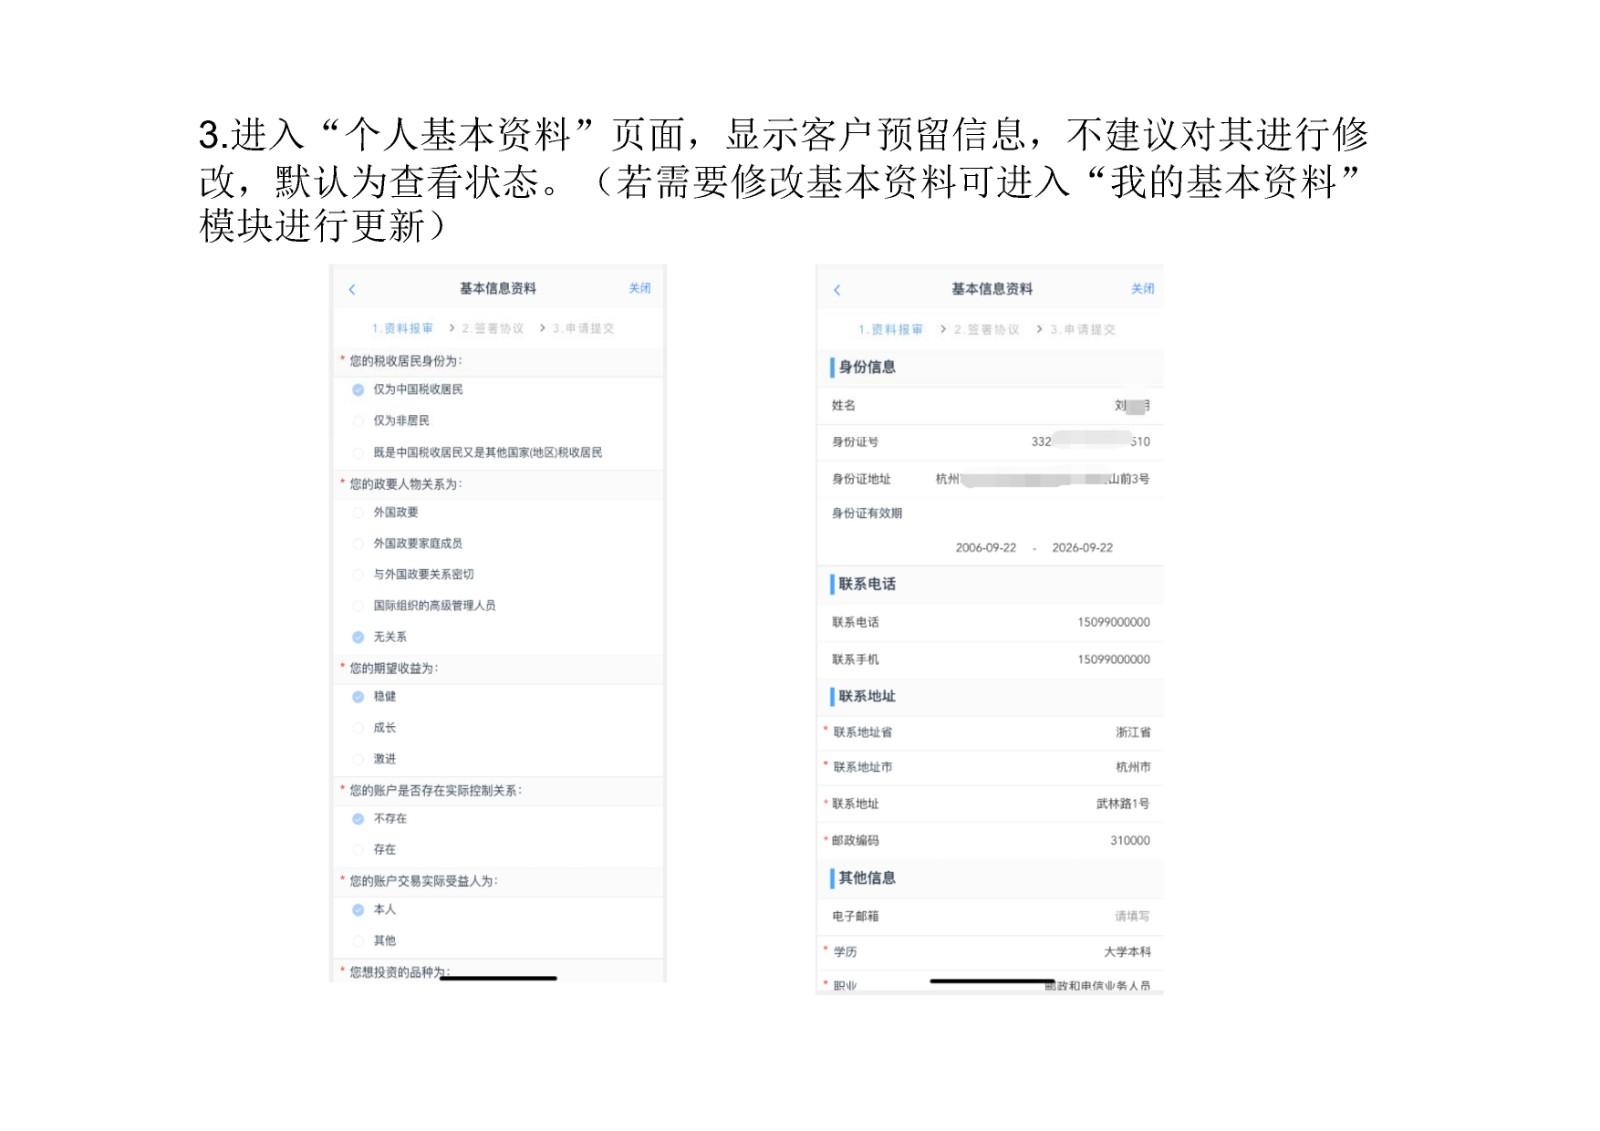 增开交易编码流程_Page5.jpg